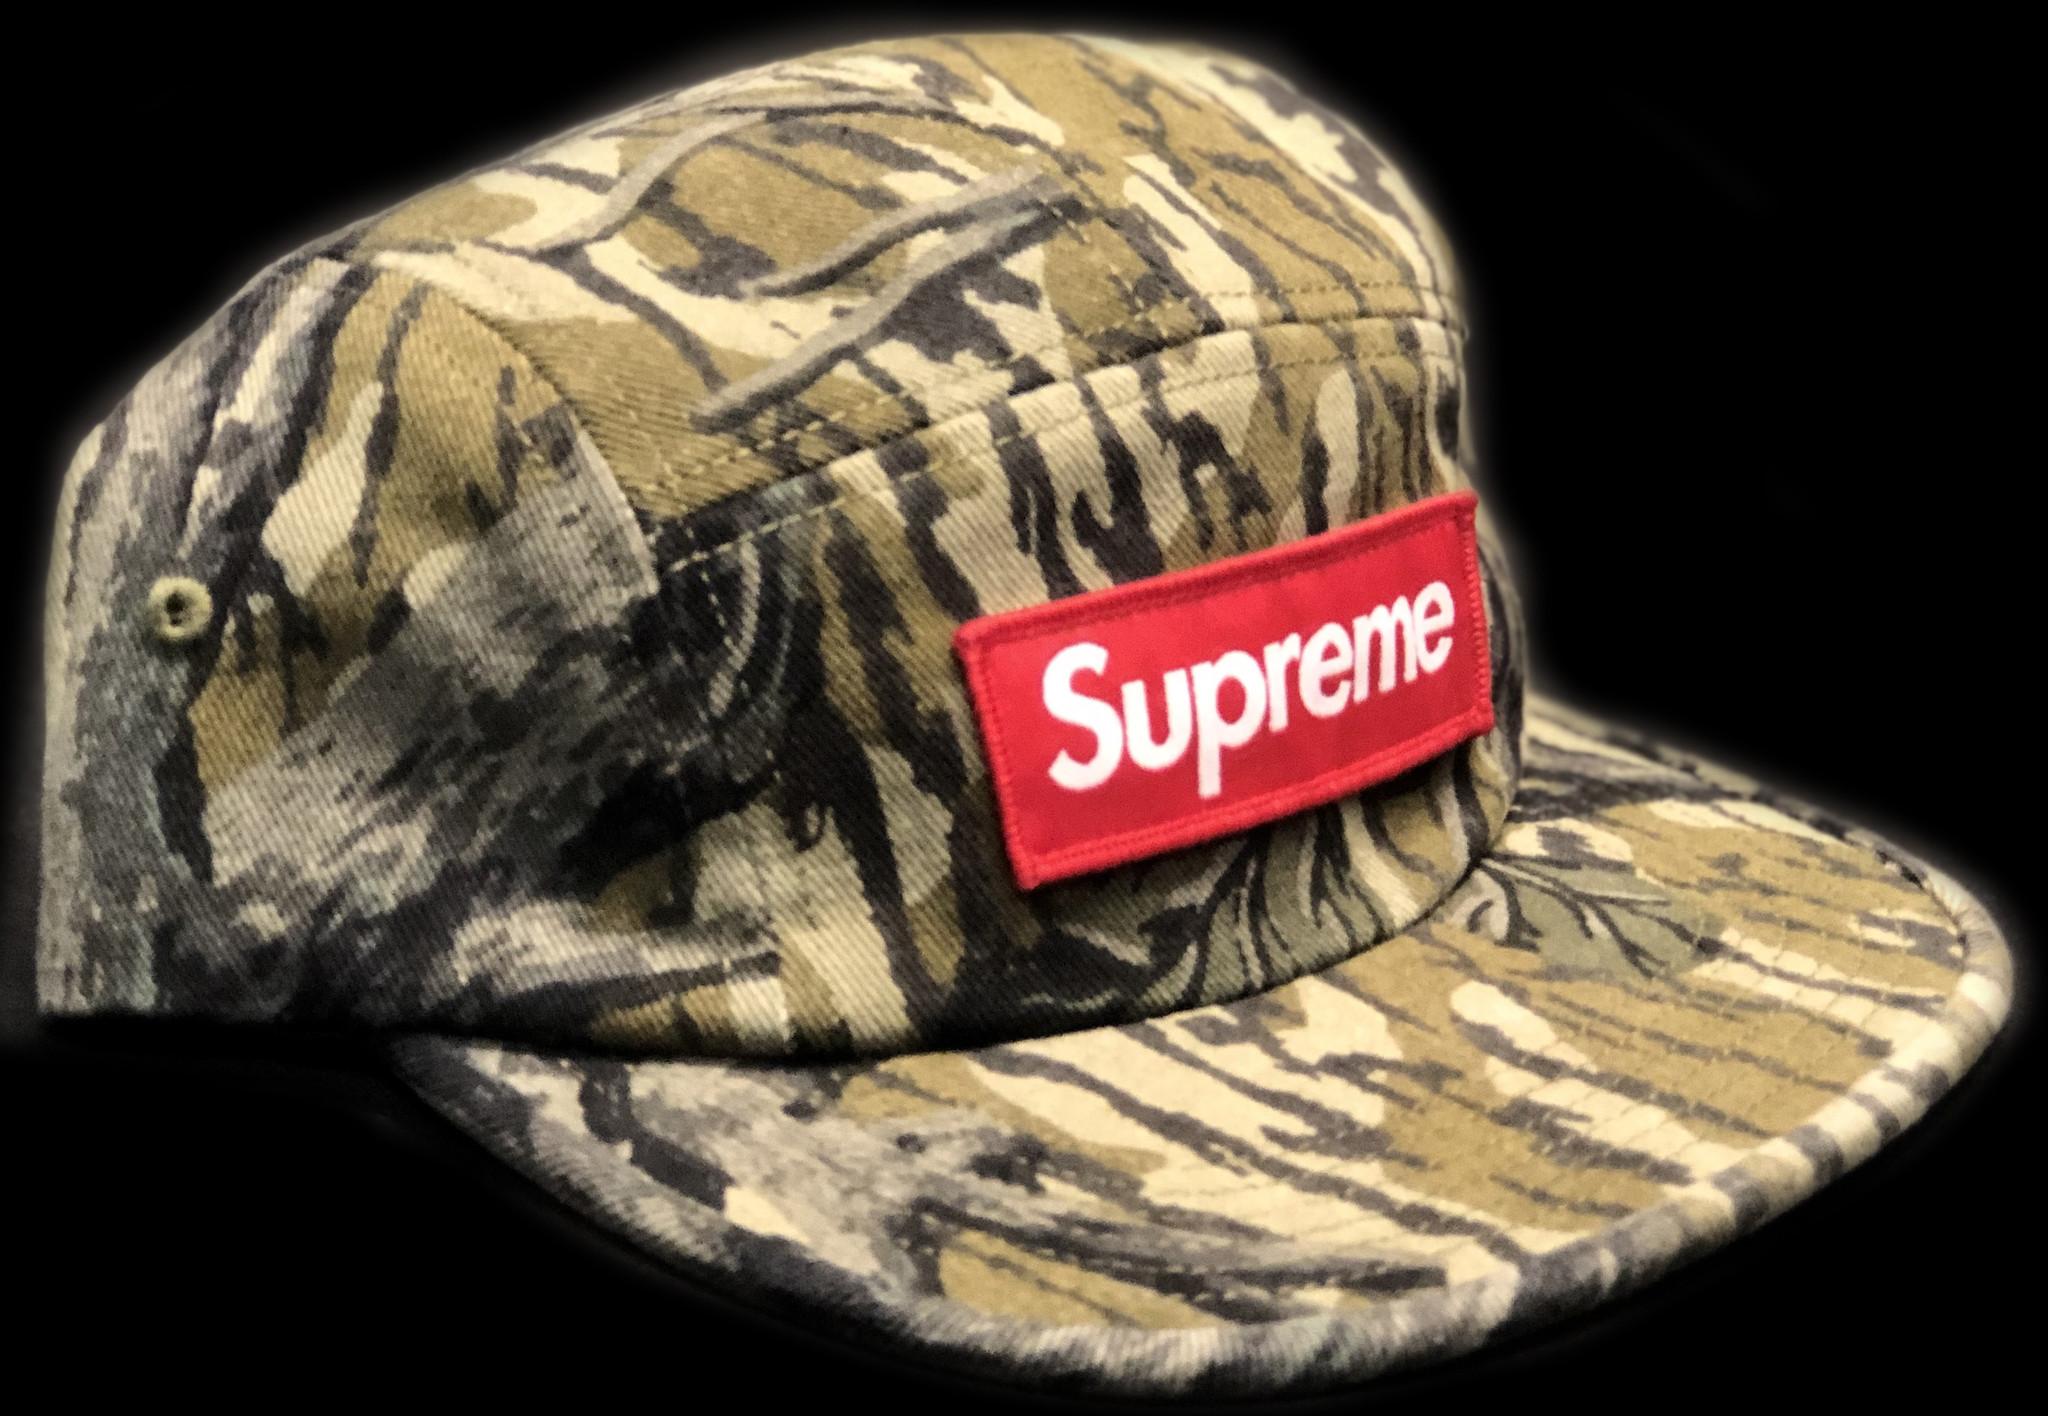 2a9b7182 Supreme Supreme